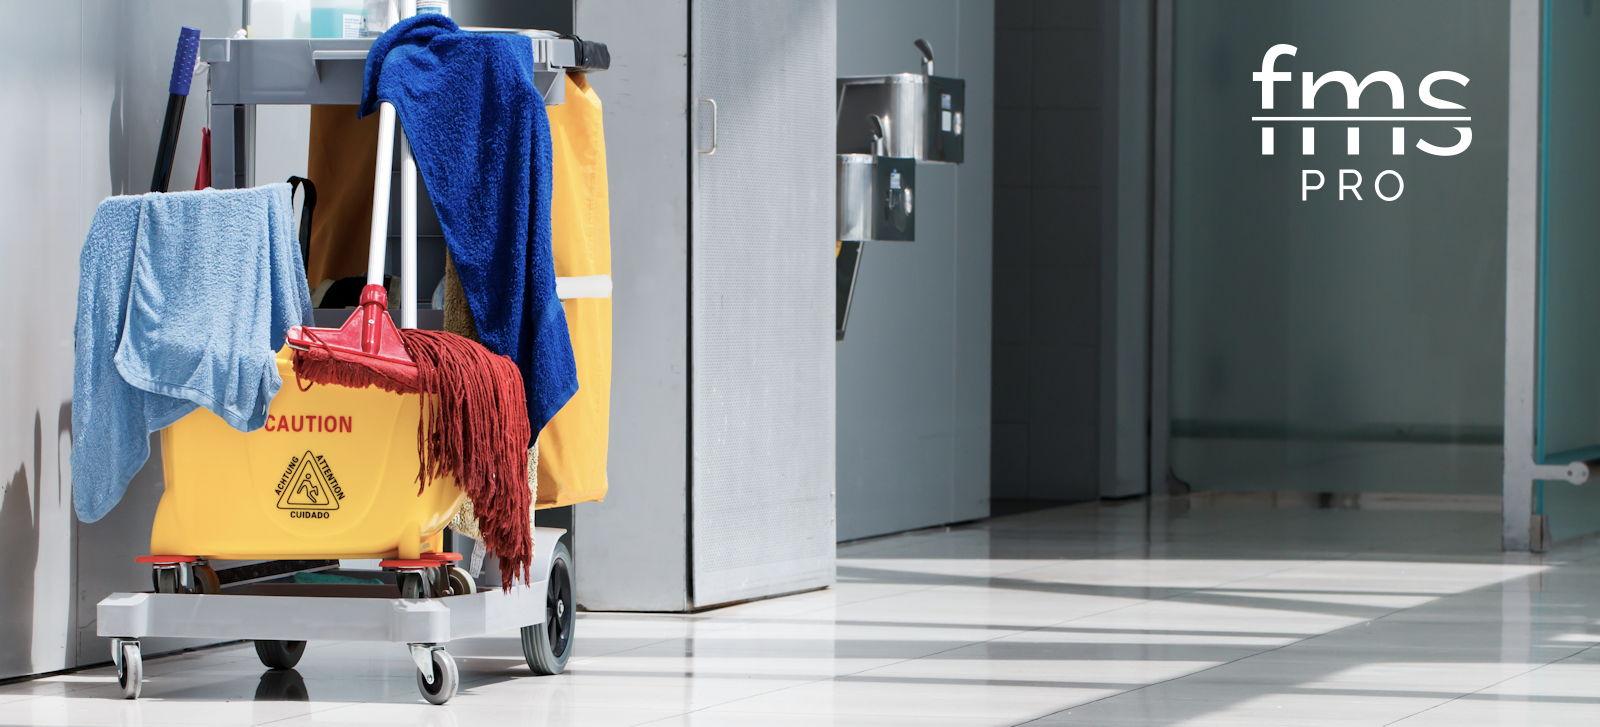 Sprzątanie po remontach i pracach budowlanych - wózek z akcesoriami